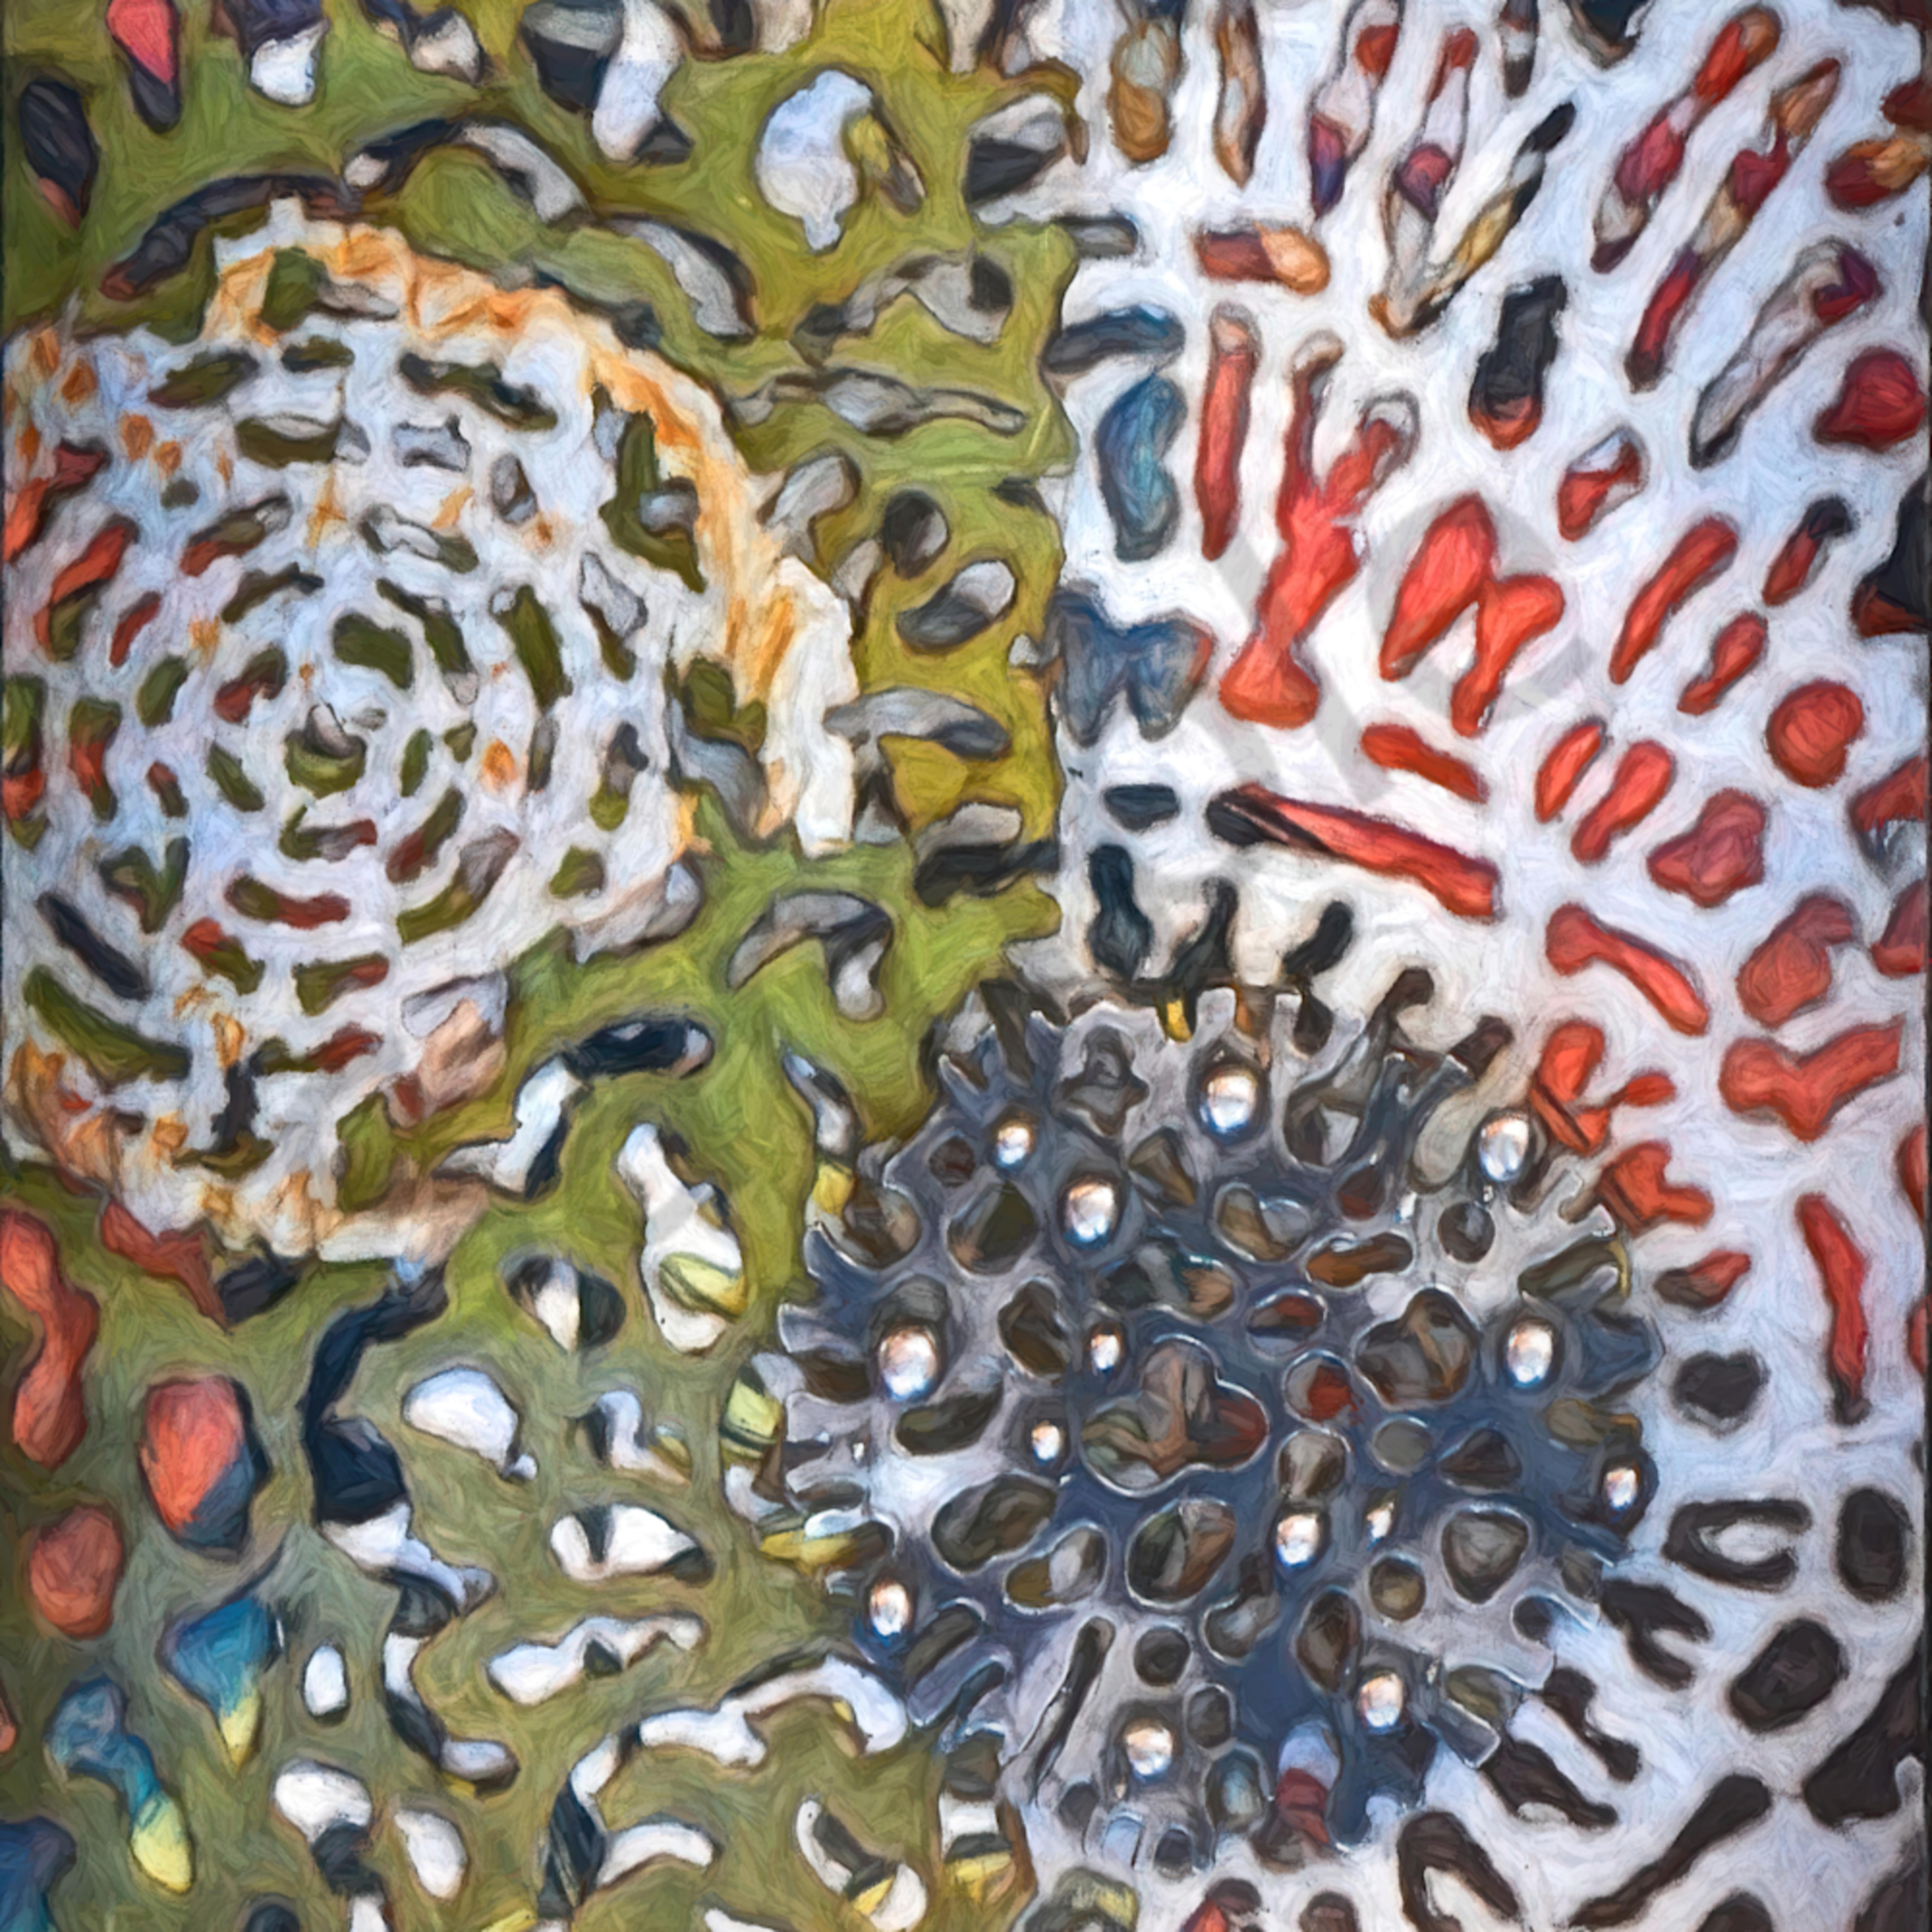 Inna dzhanibekova collage radiolaria 1 abstract prinst website gp02 z8mmja